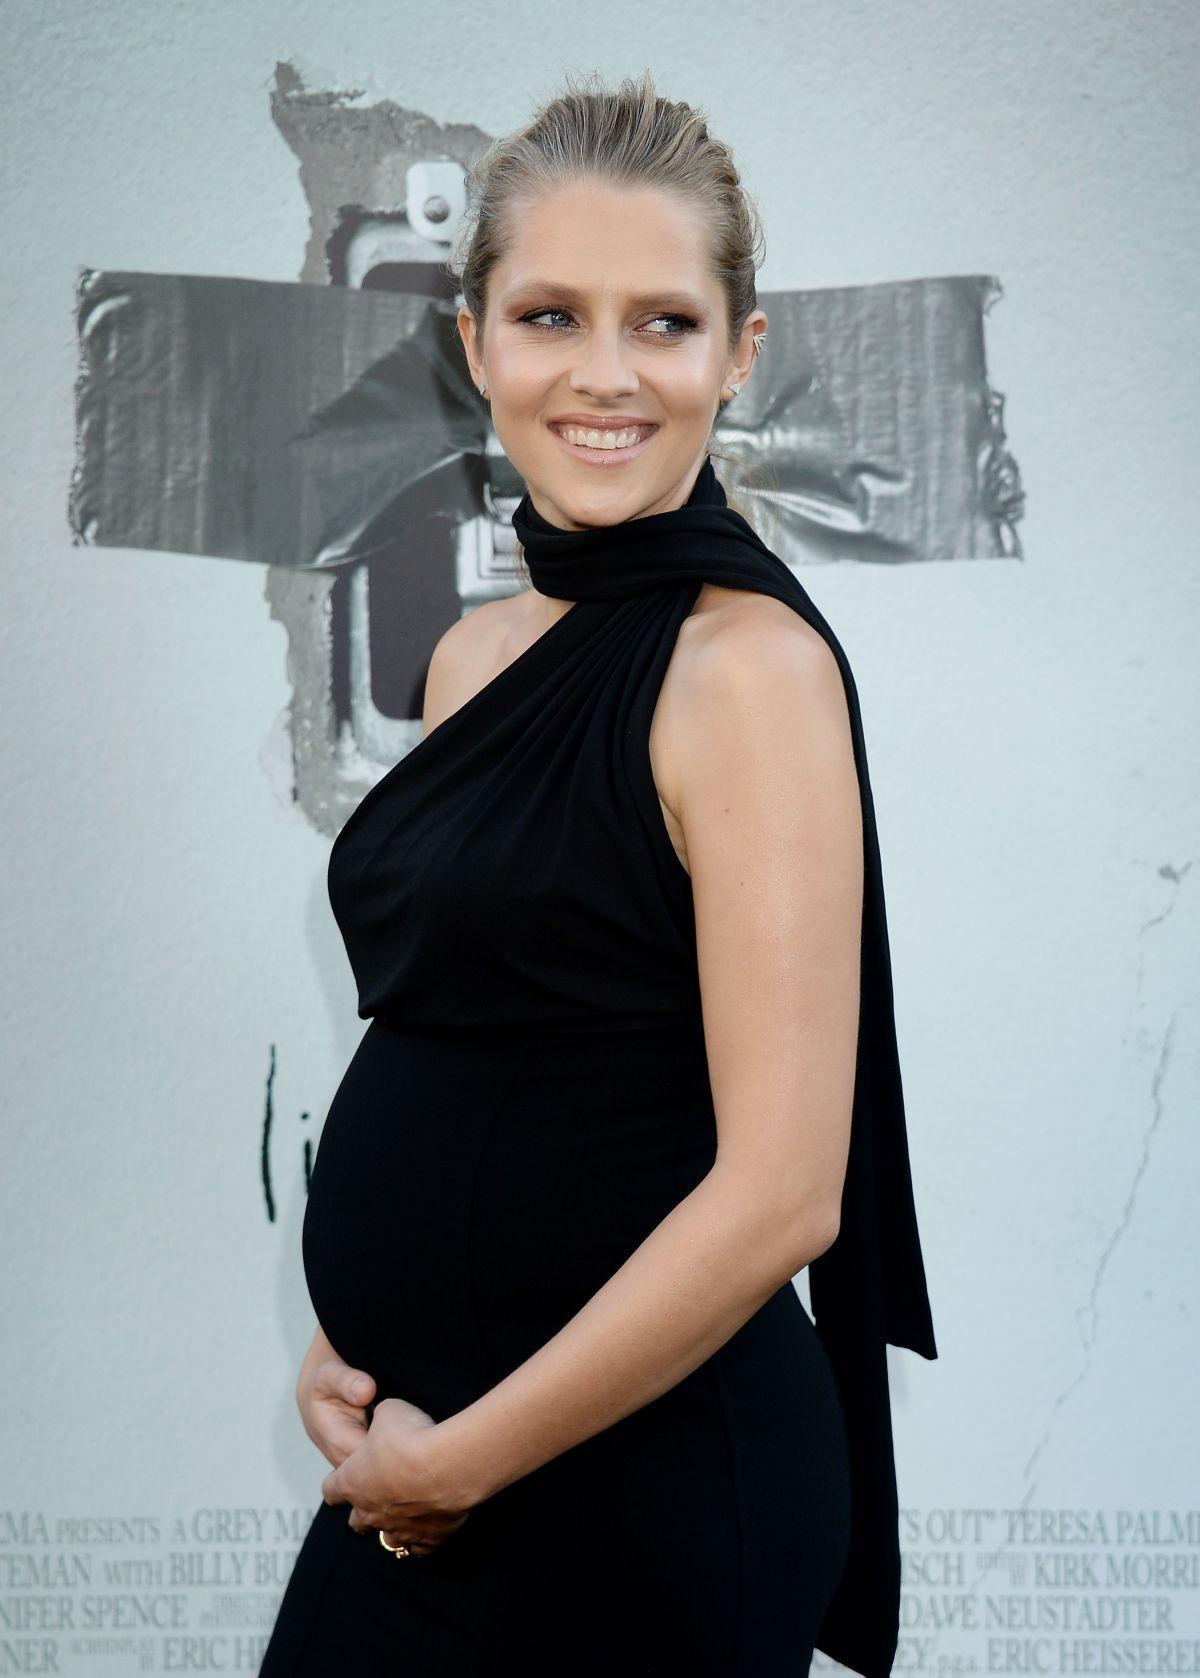 ba9733b51f305 Pregnant Teresa Palmer (1200×1678) | PARENTHOOD in 2019 | Teresa ...